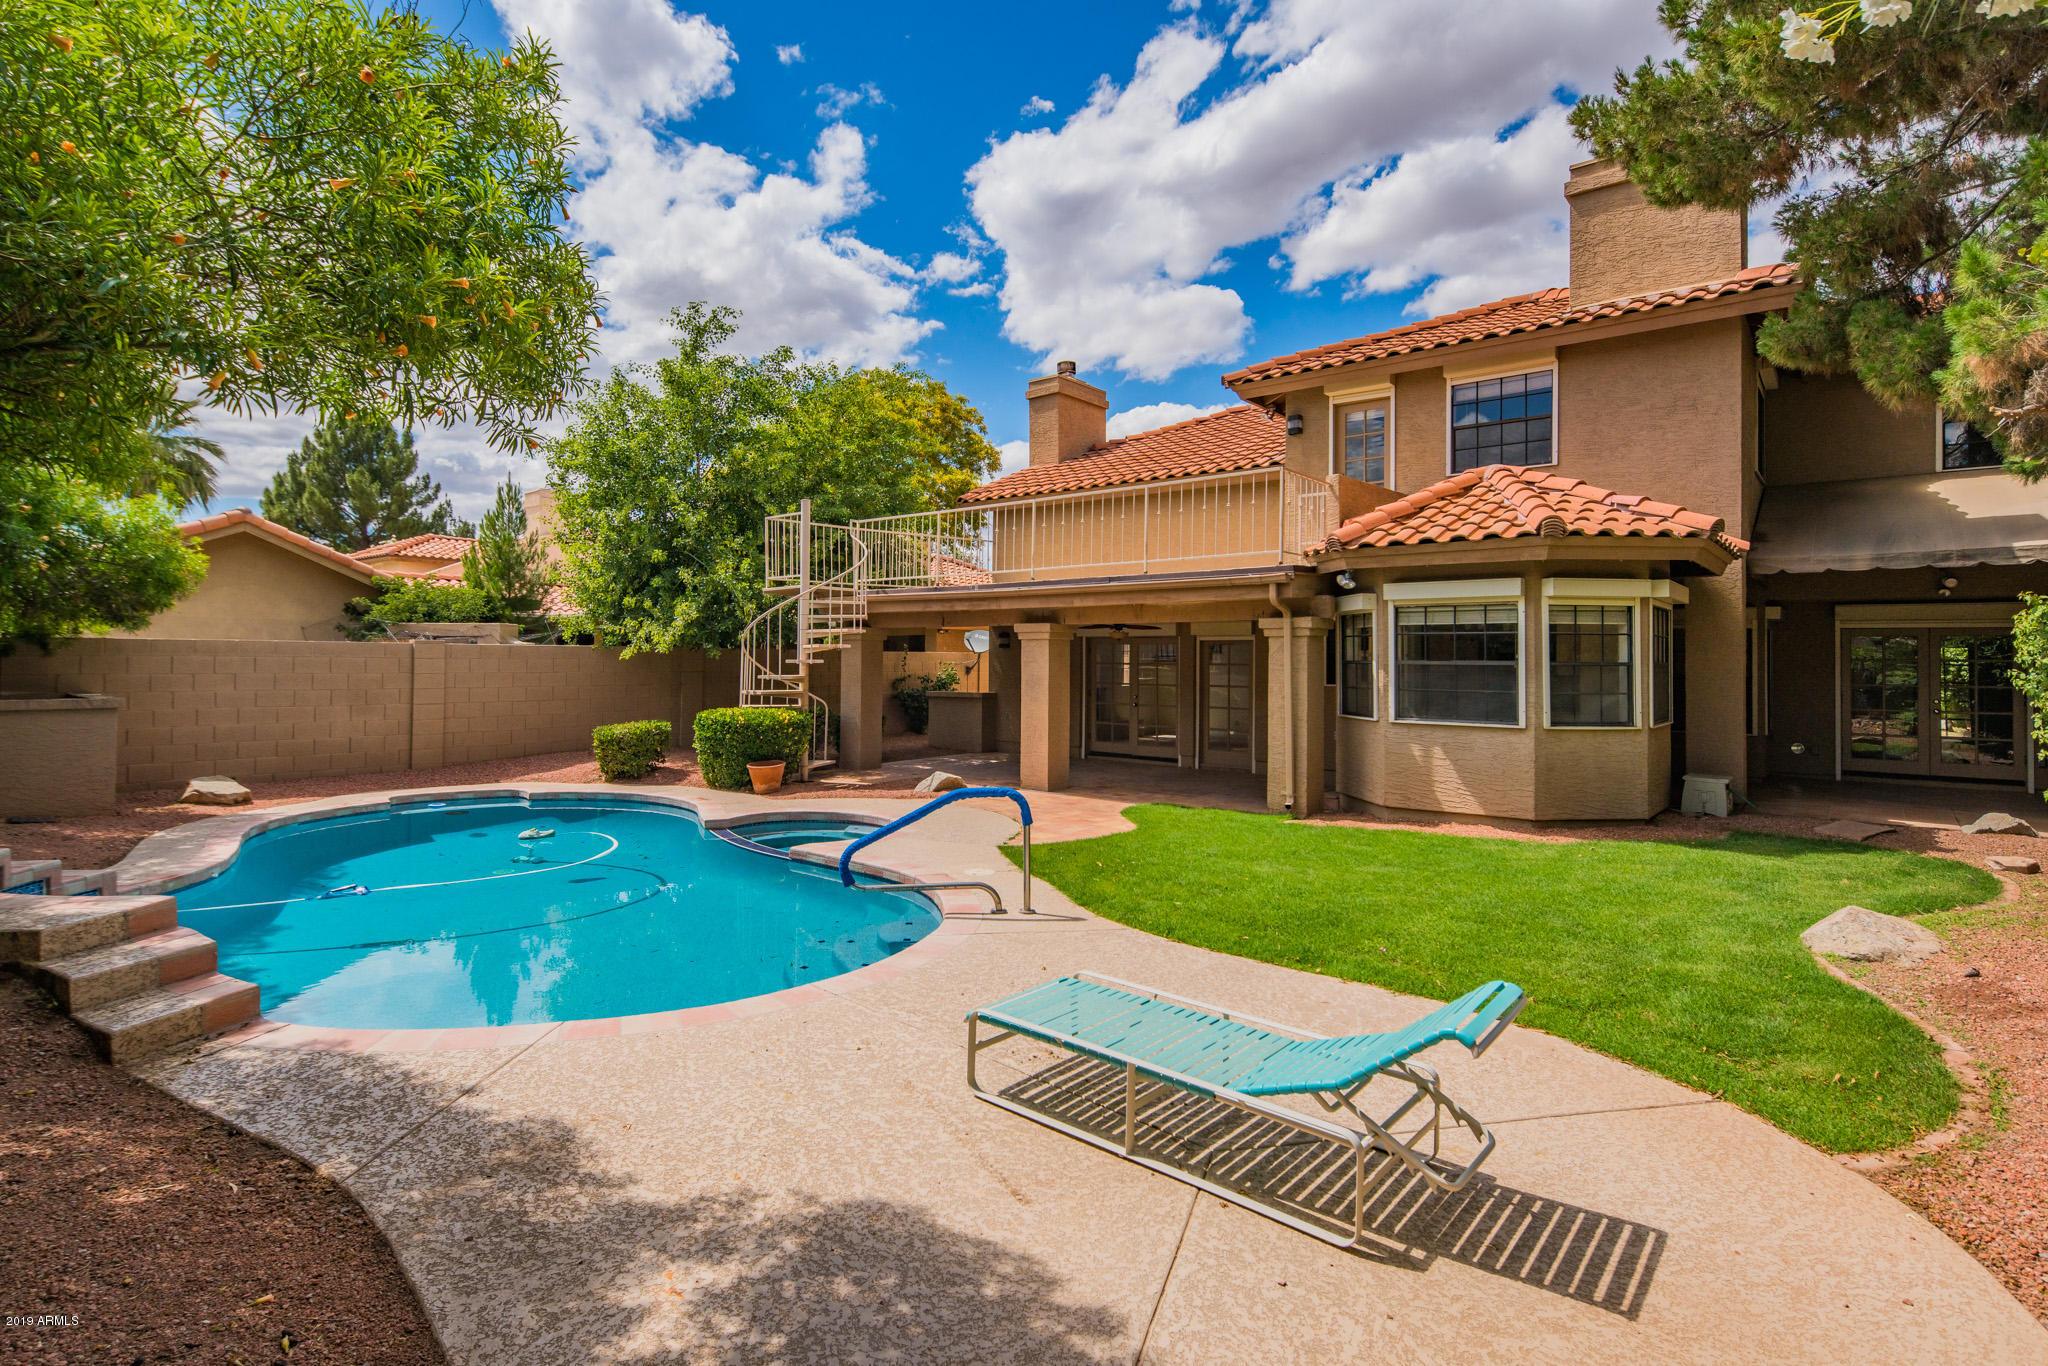 MLS 5931347 5419 E PIPING ROCK Road, Scottsdale, AZ 85254 Scottsdale AZ Private Pool